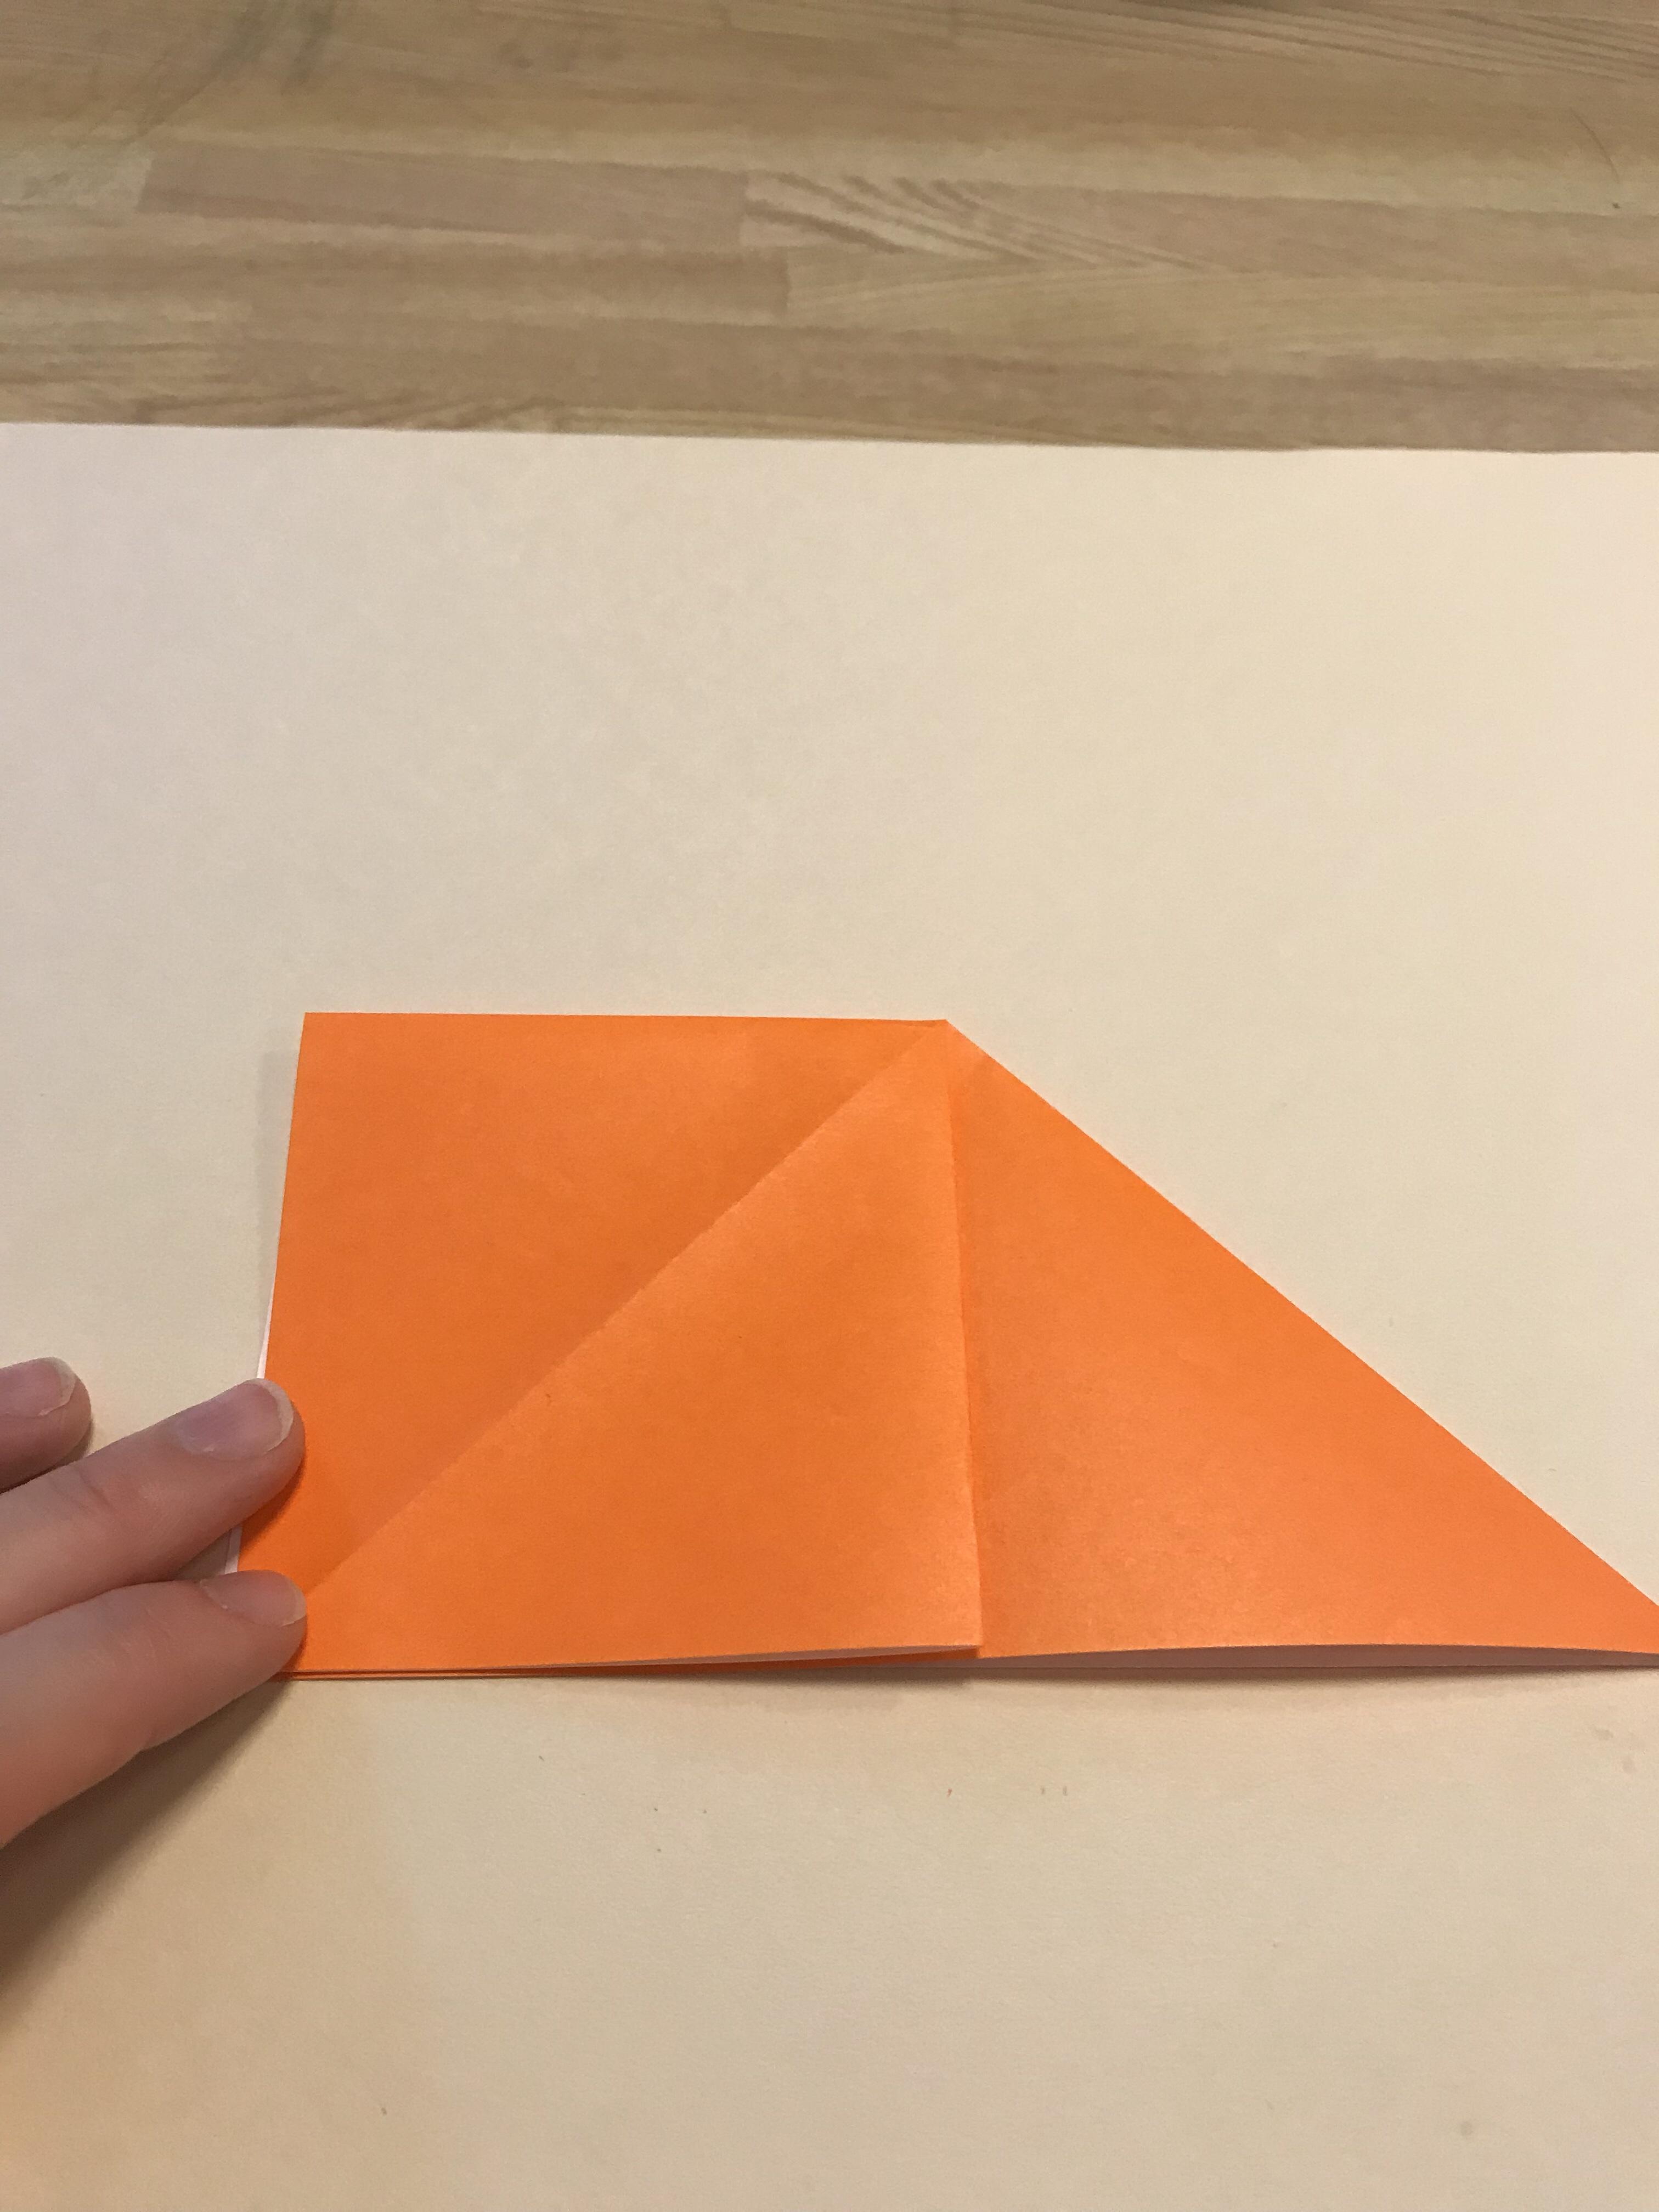 片側で四角が完成した図。